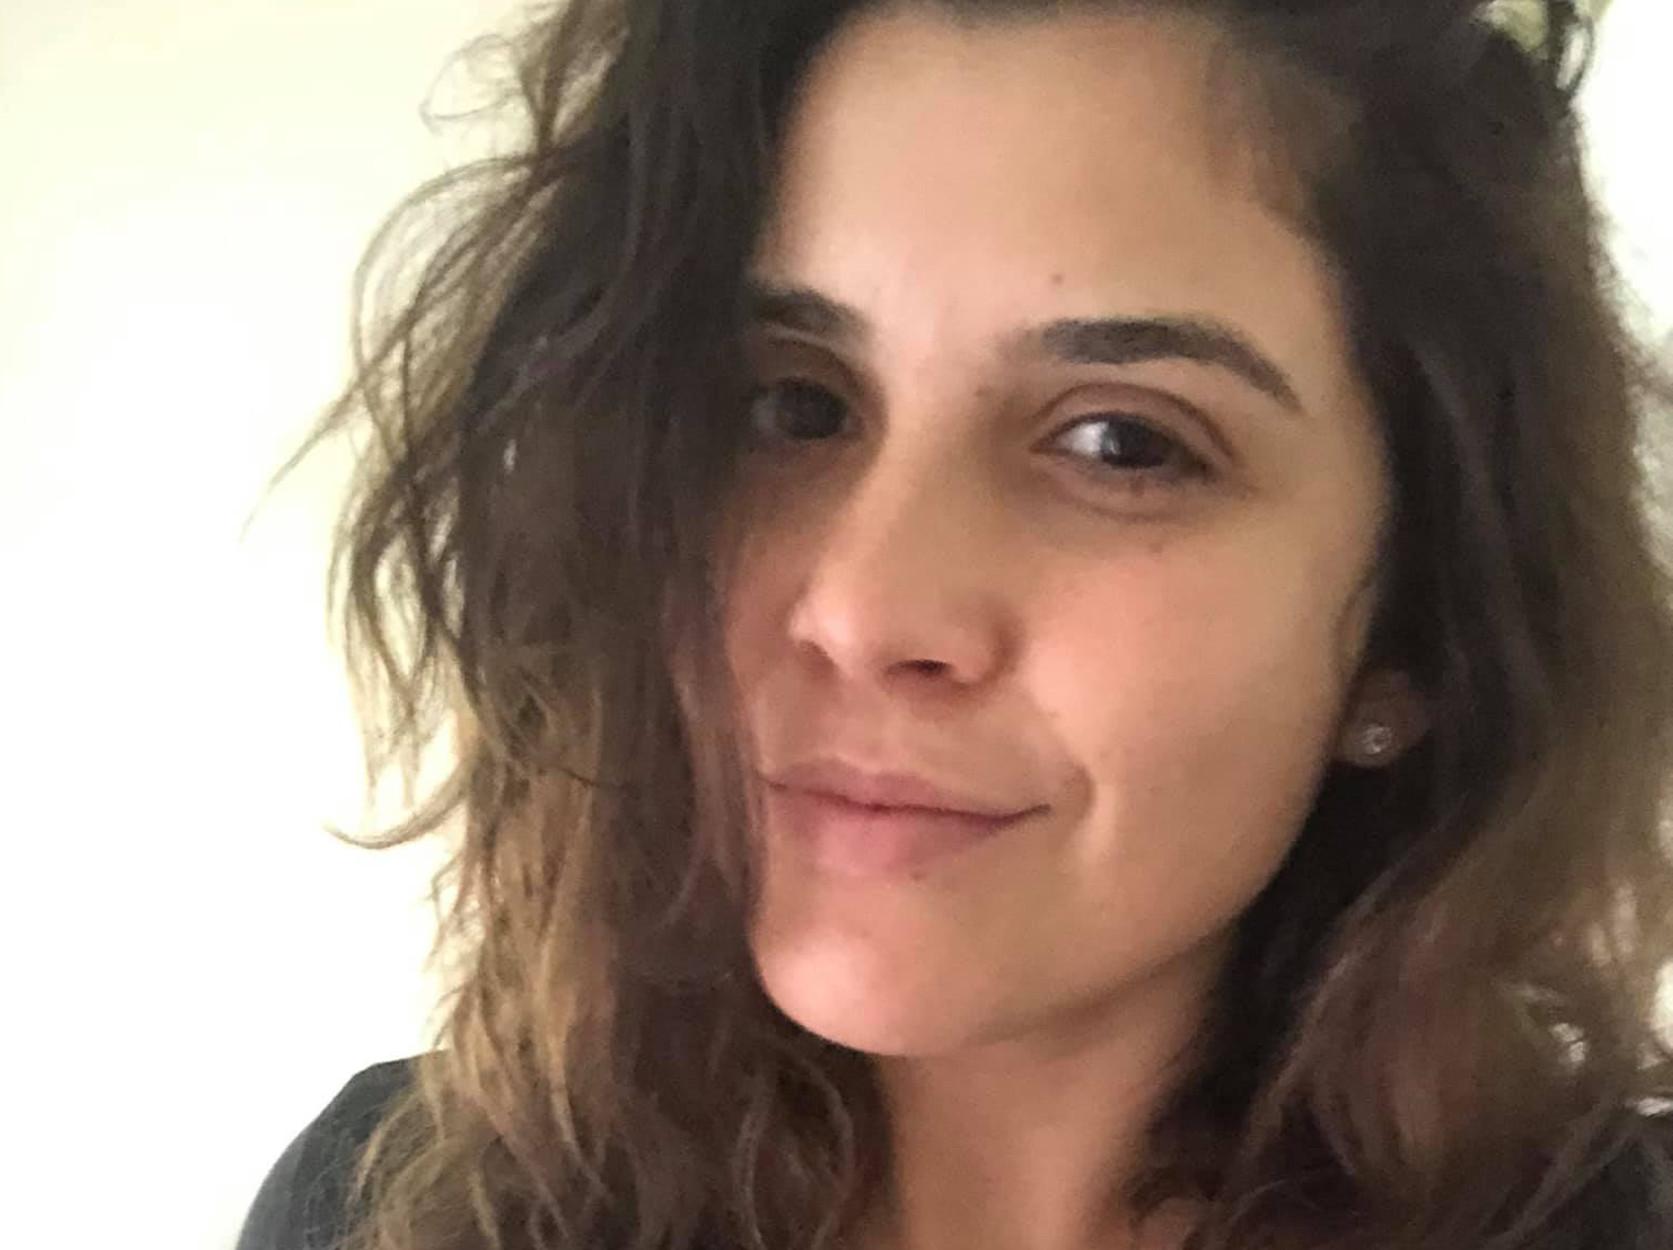 Η Ελληνοαγγλίδα που μεγάλωσε στην Σκιάθο και «τρελαίνει» τα Βρετανικά καλλιστεία… χωρίς μακιγιάζ! (pics)